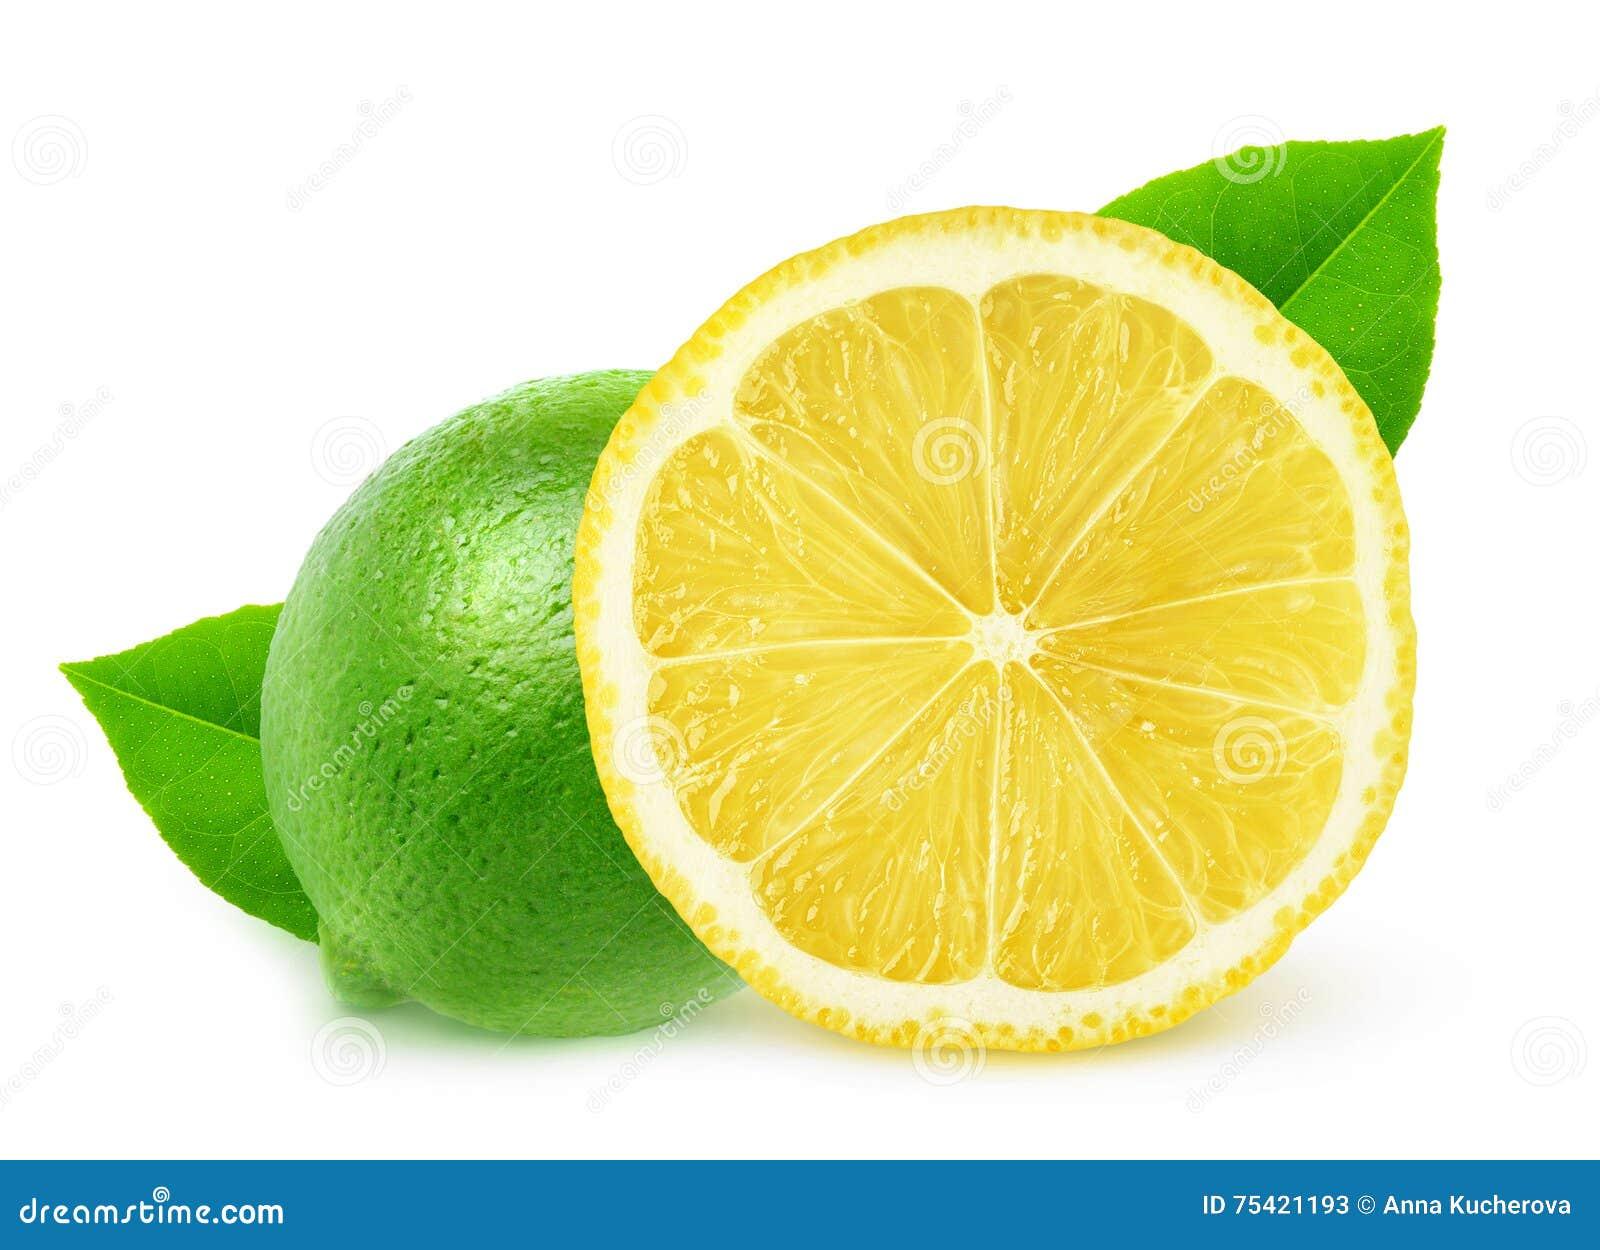 Isolerad citron och limefrukt